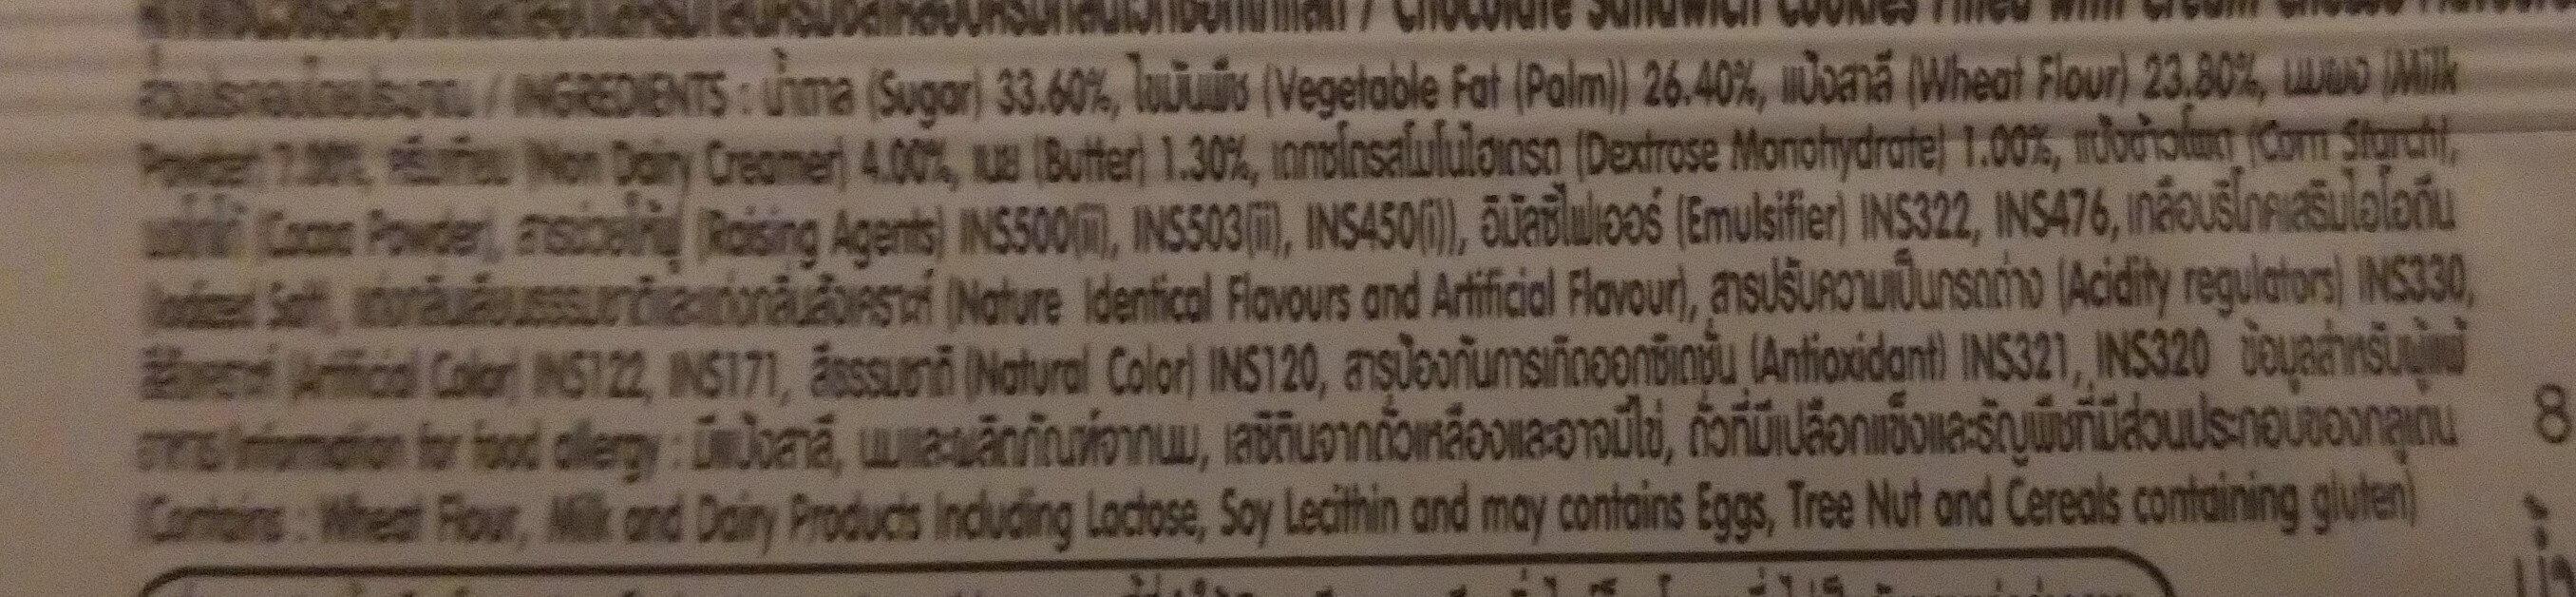 Creamo Gold Red Velvet - Ingredients - en